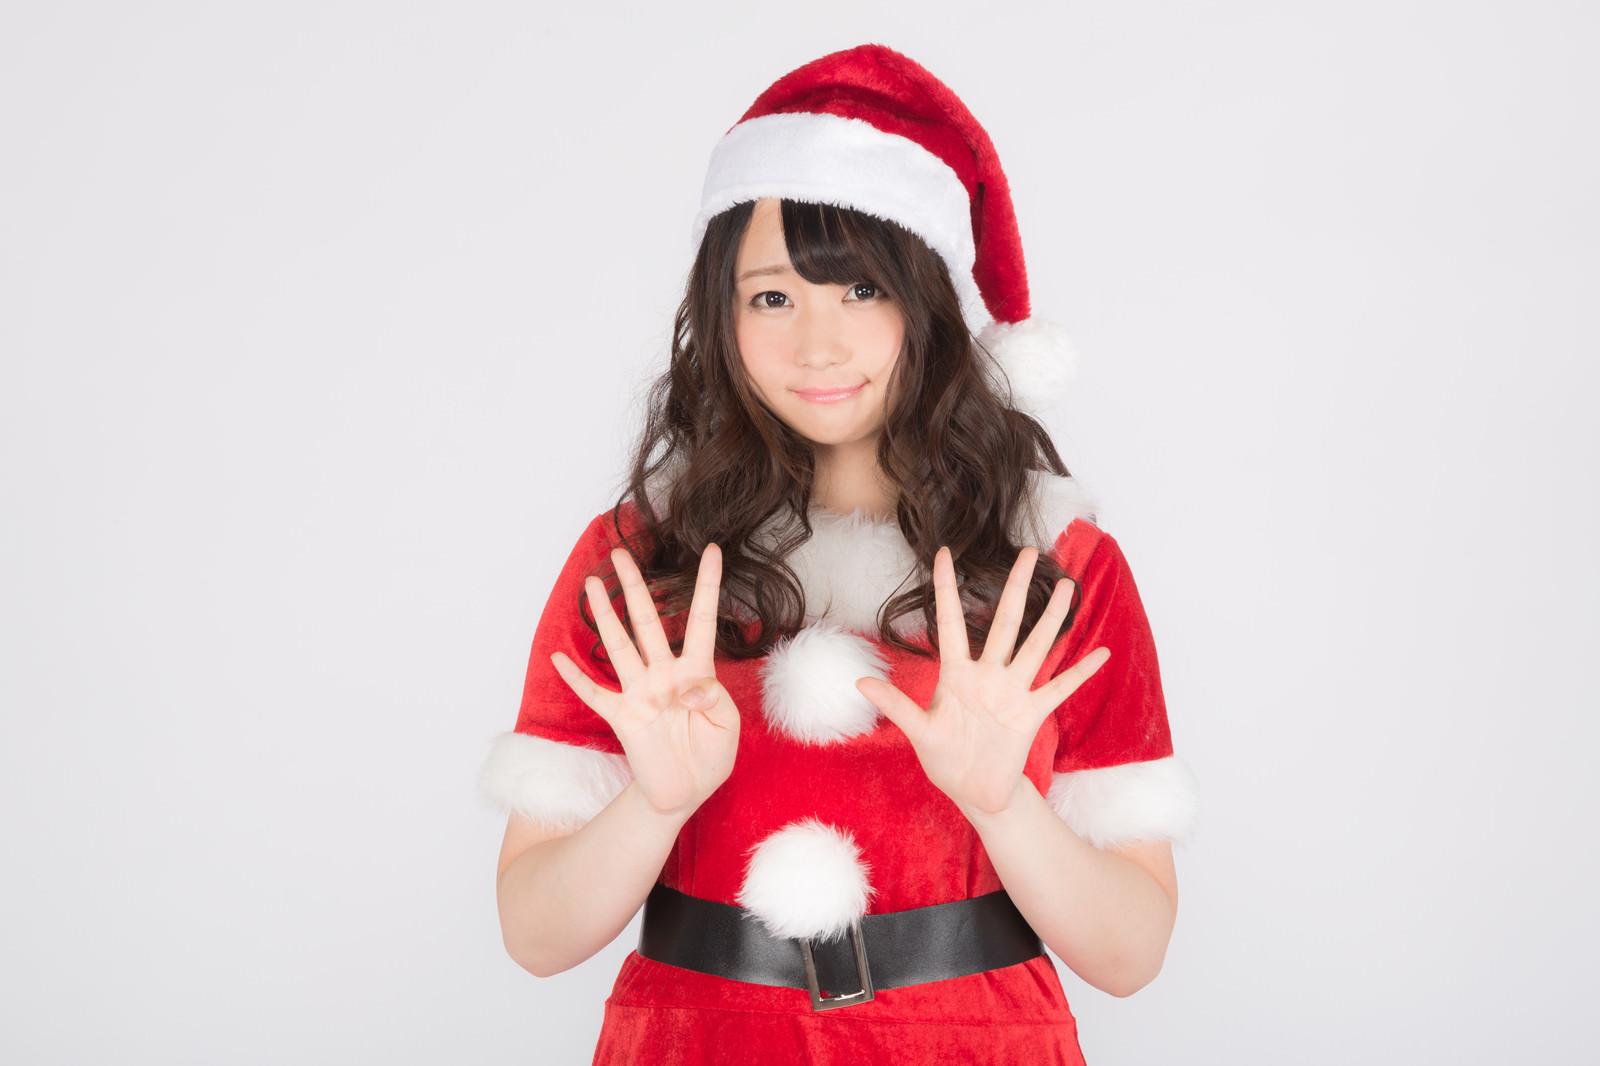 「クリスマスまで9日!予定は決まった?クリスマスまで9日!予定は決まった?」[モデル:茜さや]のフリー写真素材を拡大